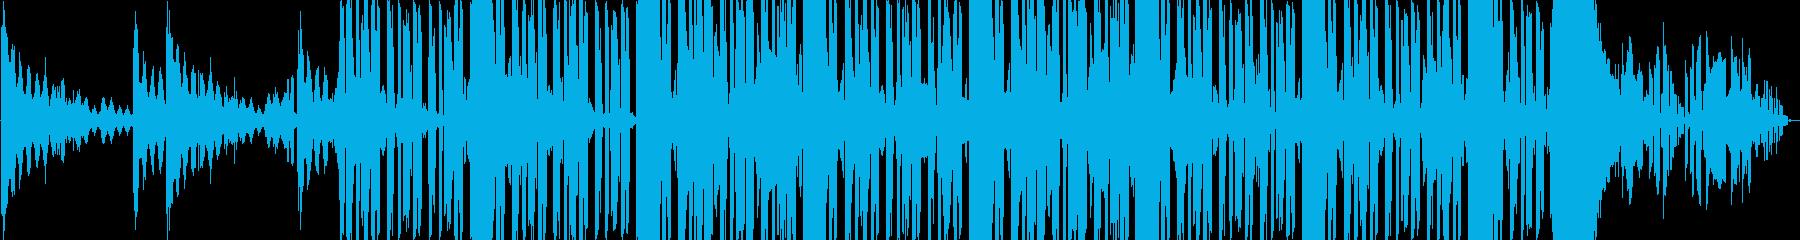 ジャズ風のローズピアノのコードとブ...の再生済みの波形